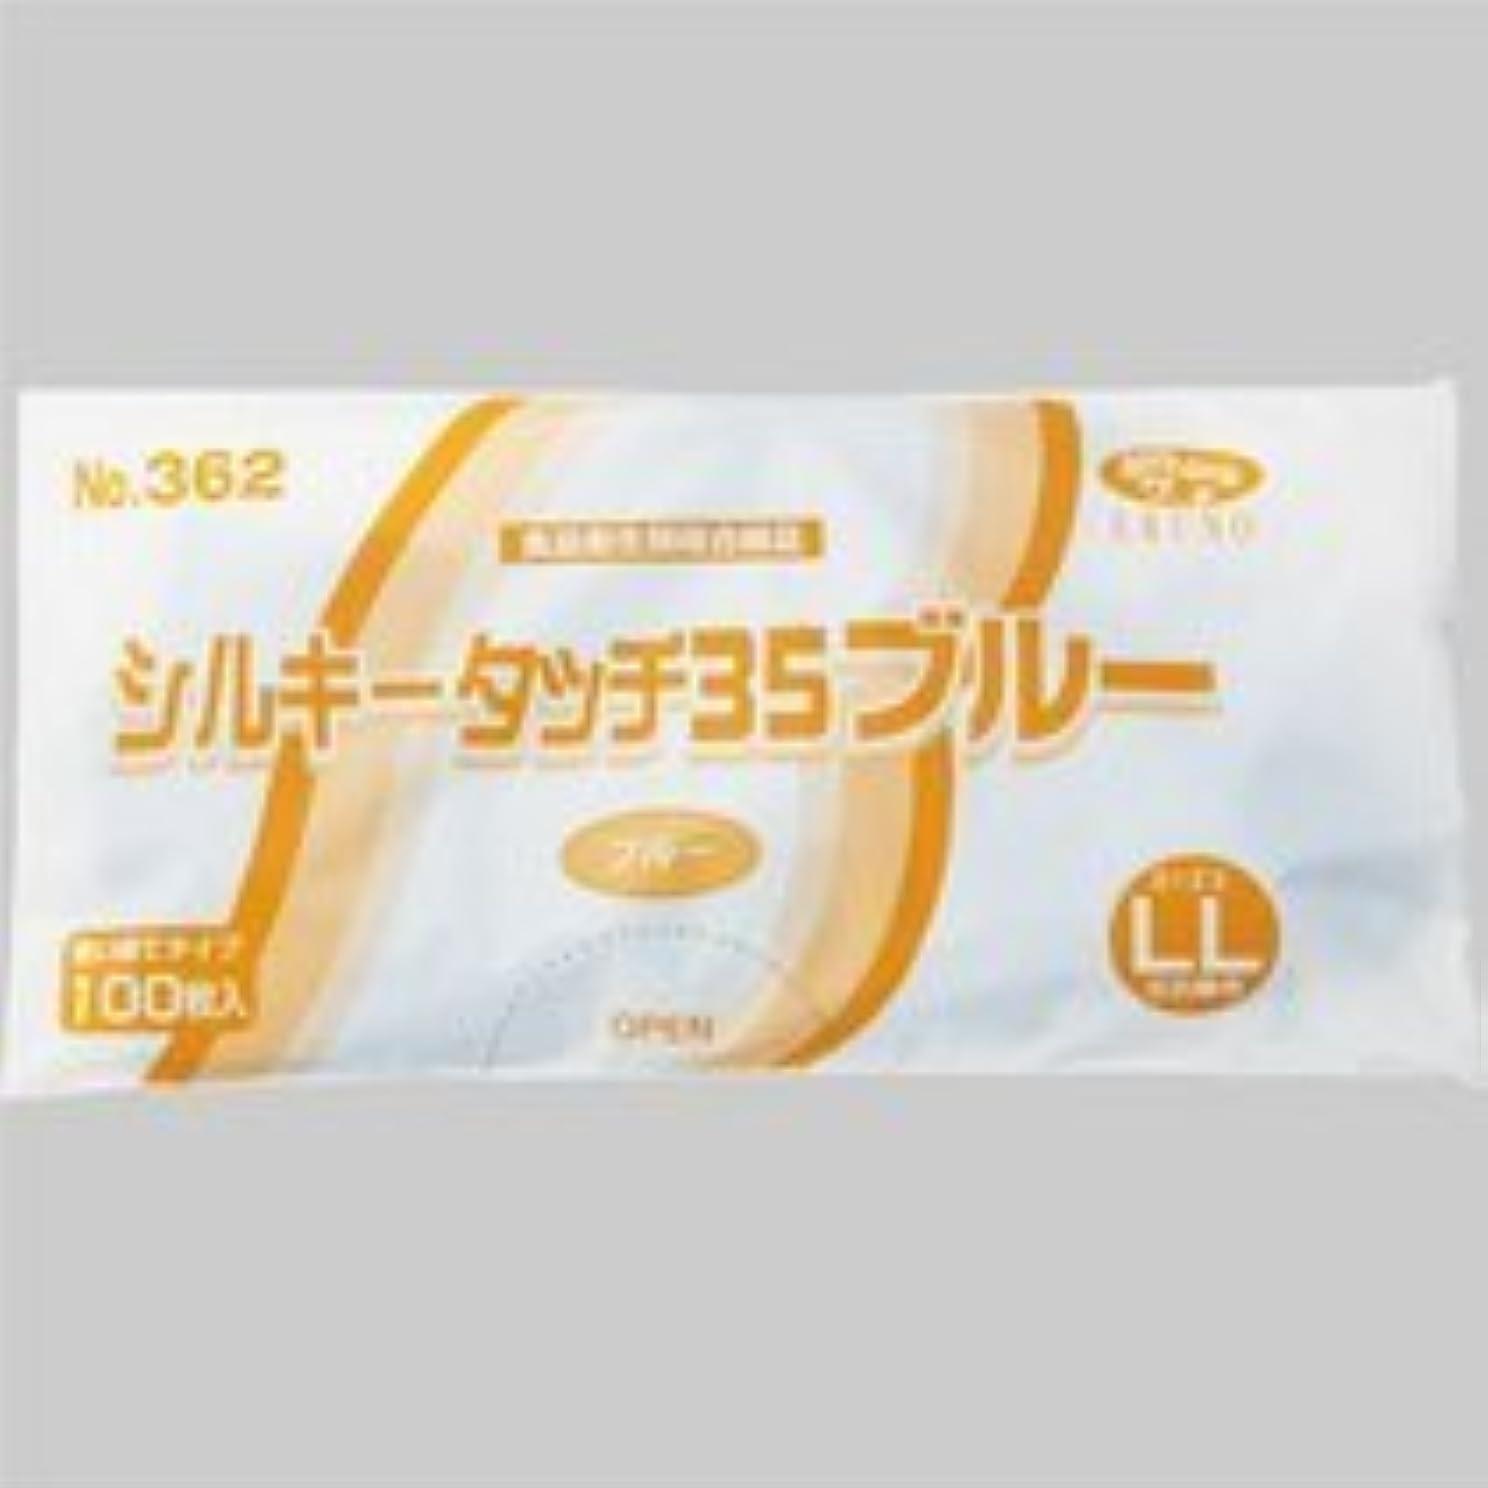 レッスンファンシーエキスパートエブノ ポリエチレン手袋 シルキータッチ35 ブルー LL NO-362 1セット(1000枚:100枚×10パック)